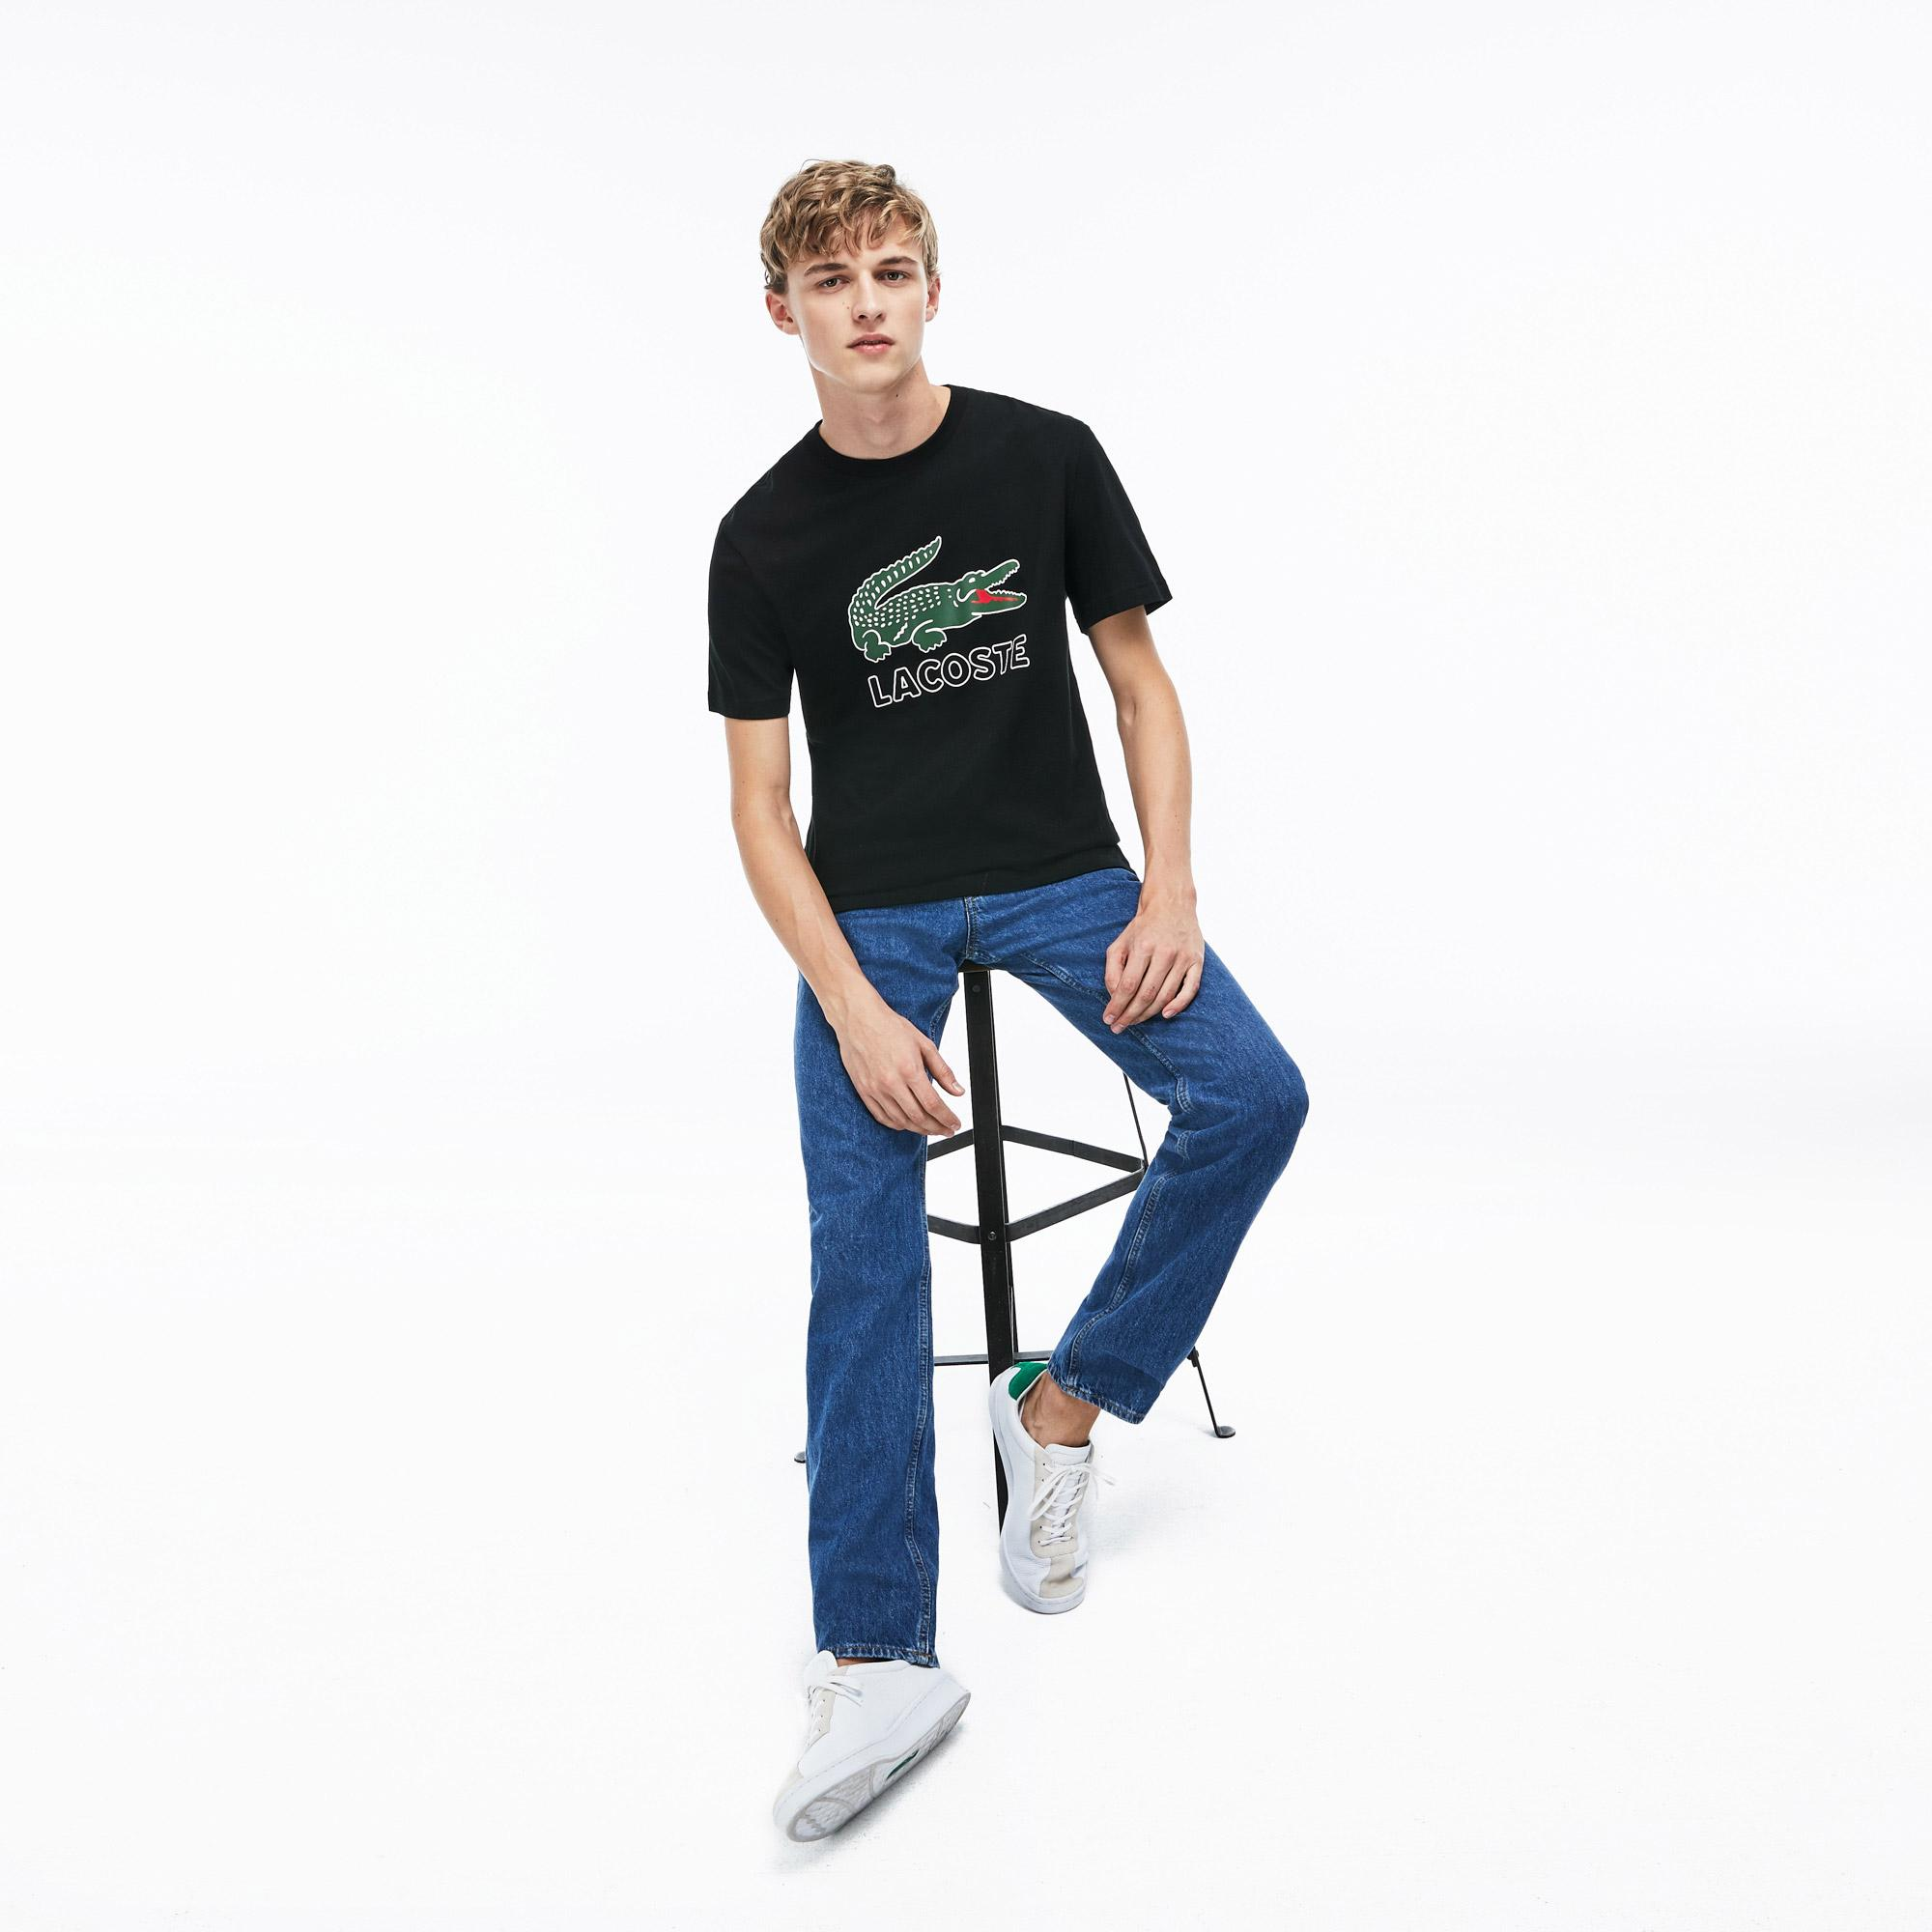 Lacoste Erkek Timsah Baskılı Siyah T-Shirt